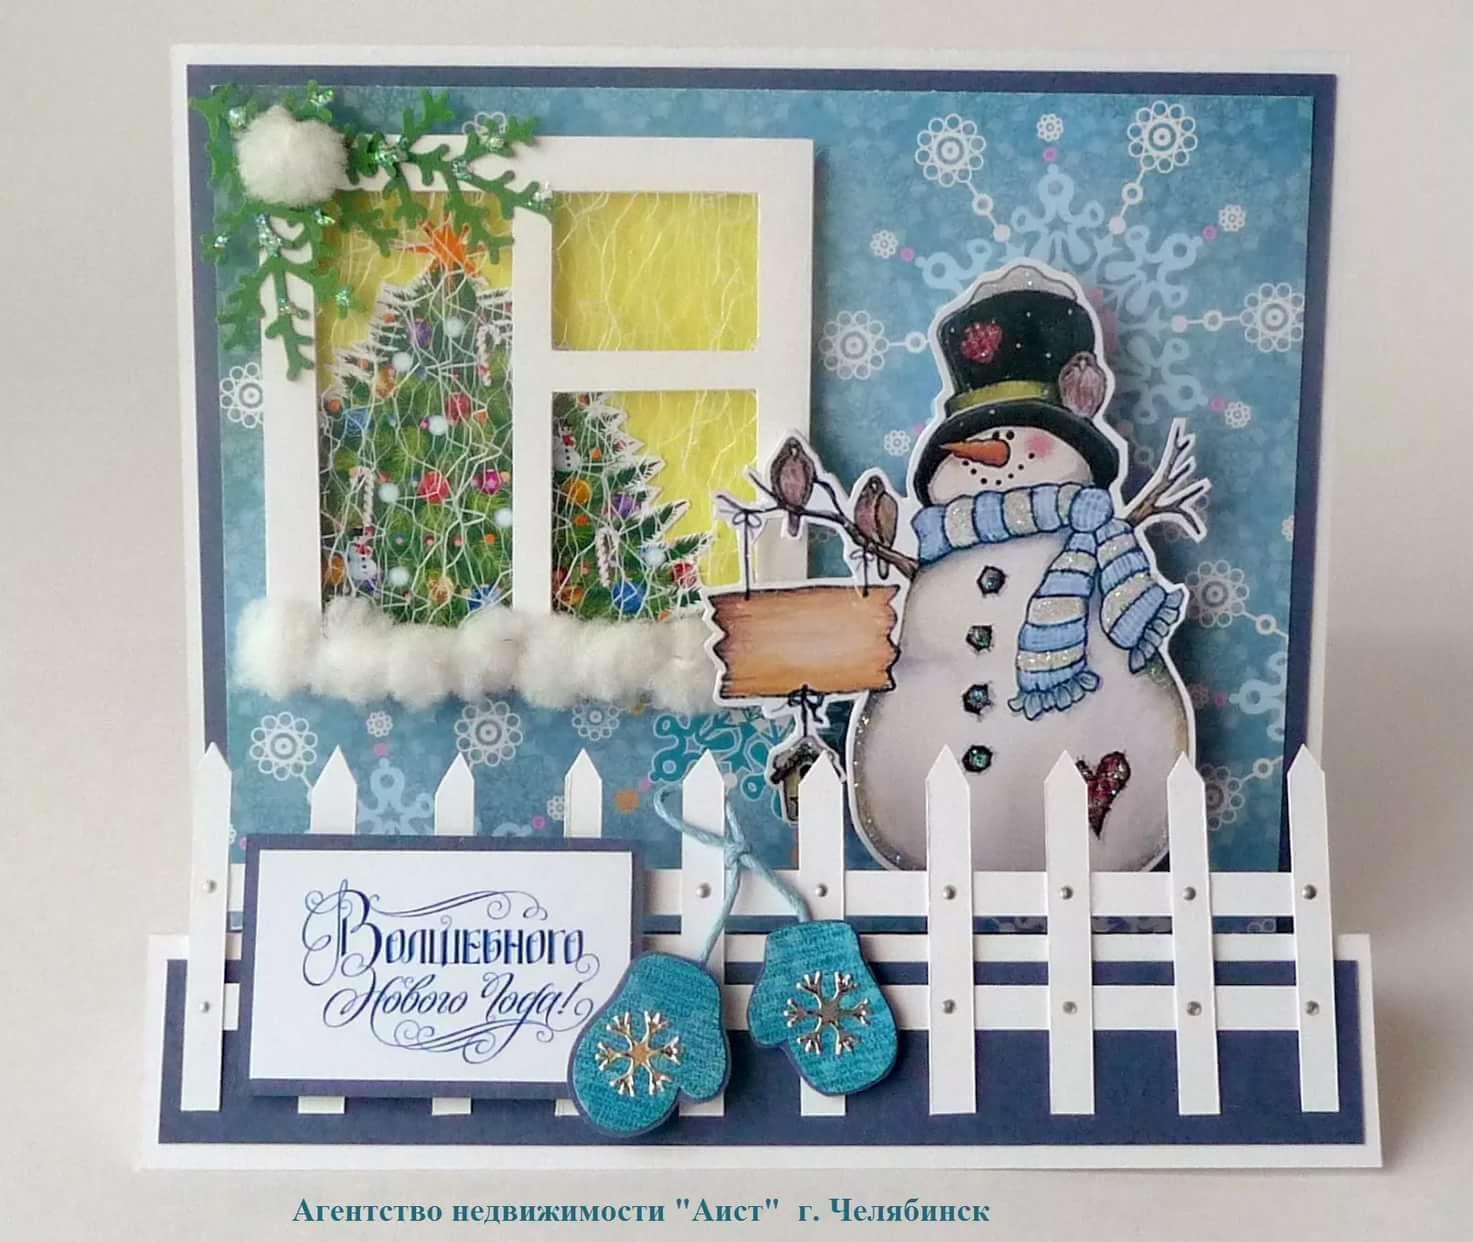 Марта посмотреть, оригинальные открытки сделанные своими руками на новый год